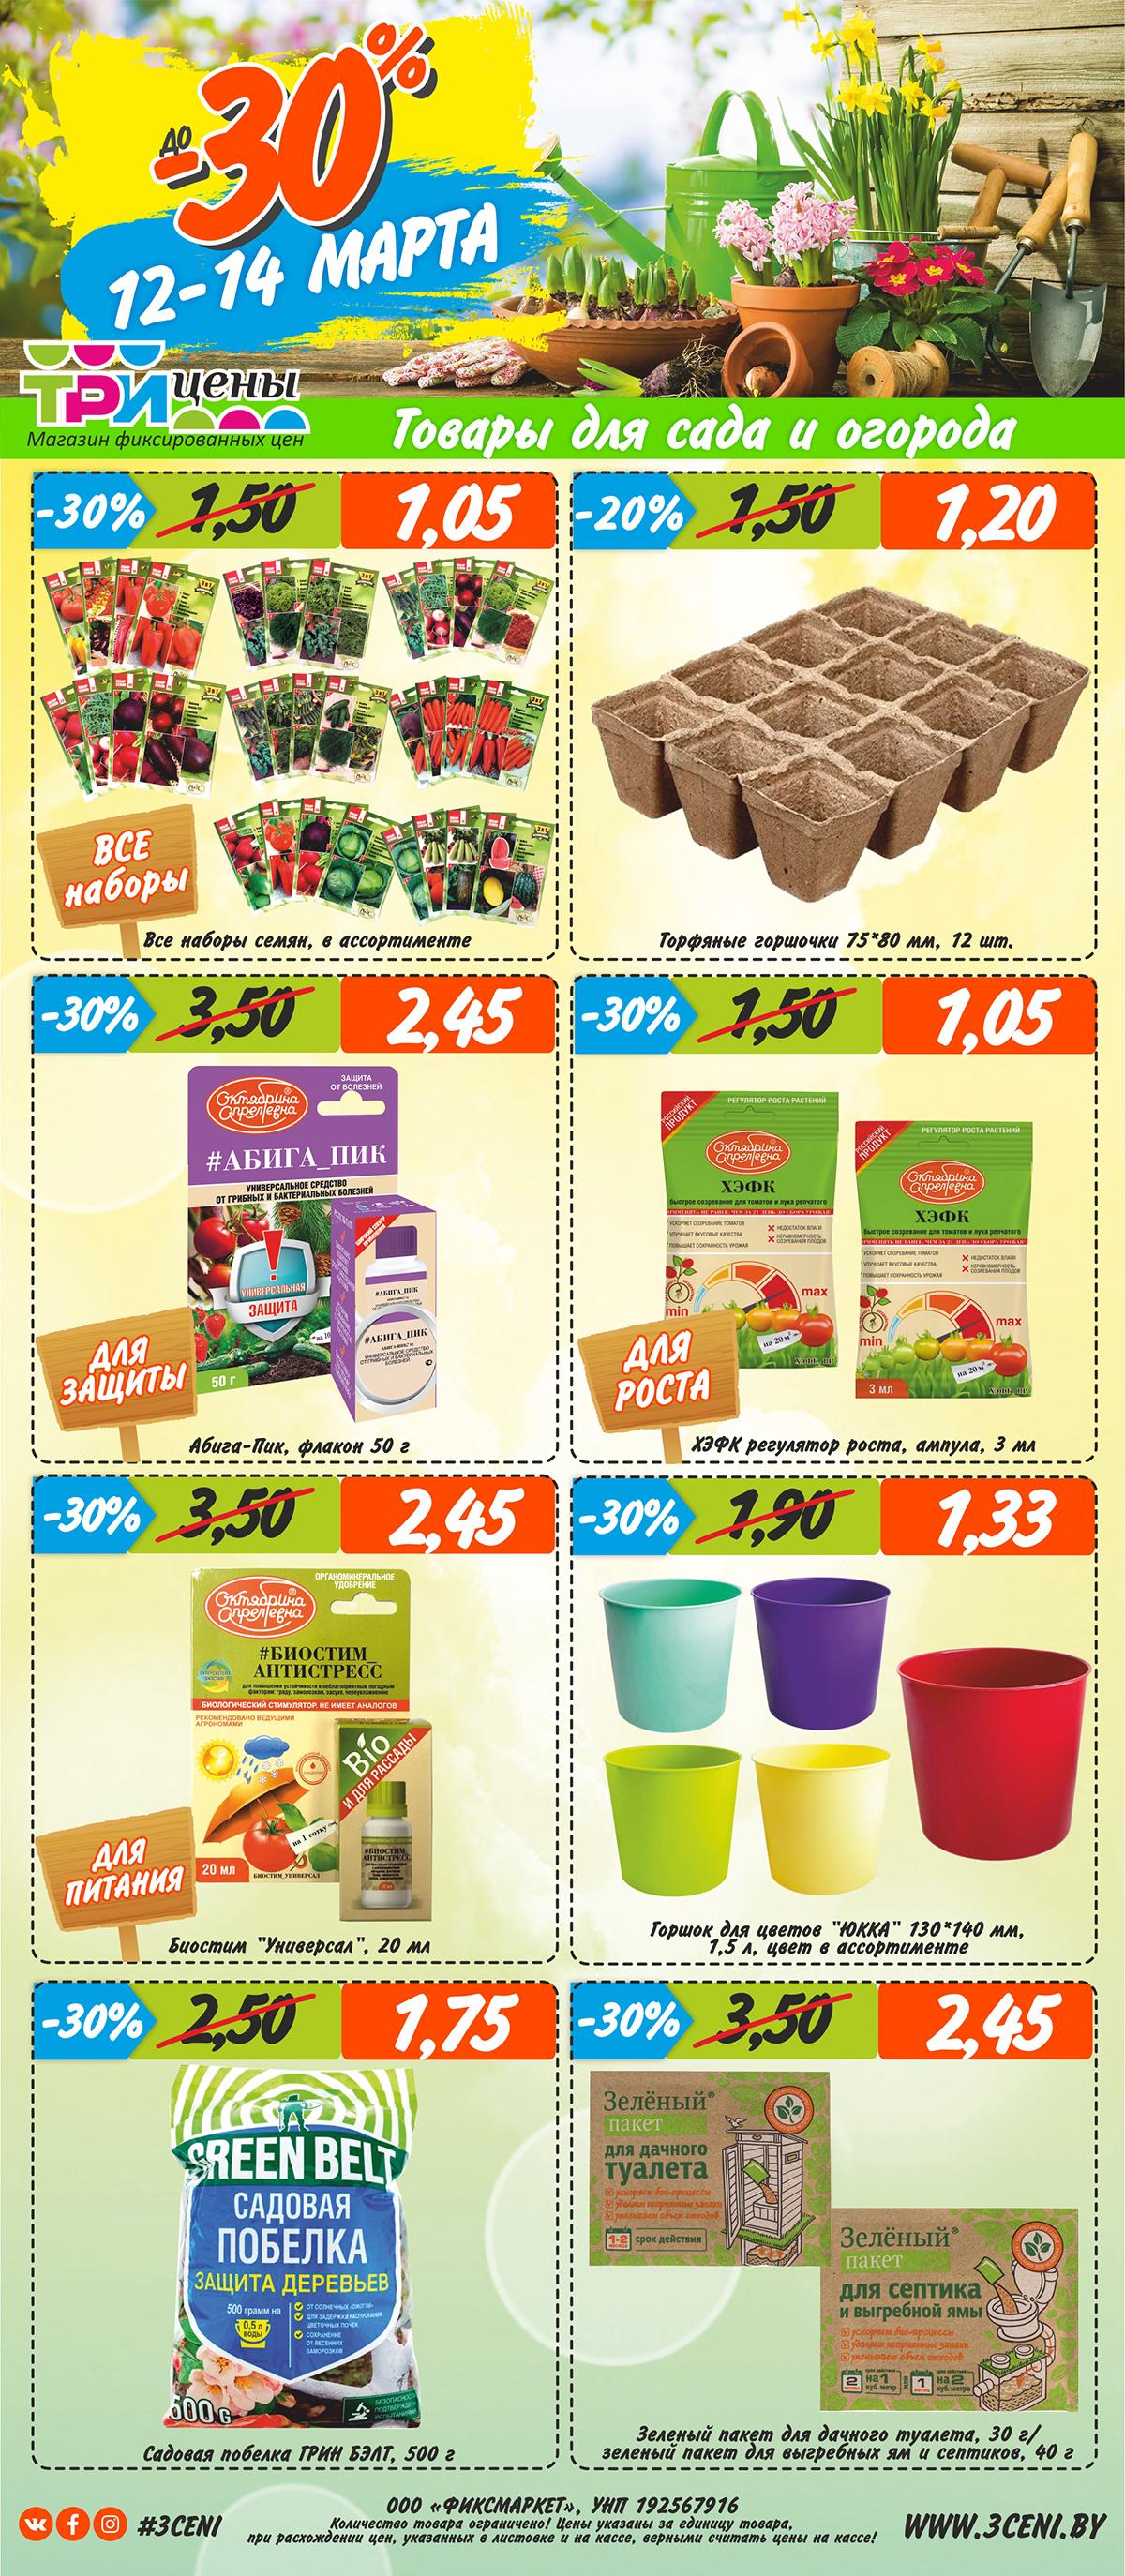 Скидки на товары для сада и огорода до 30% в Три цены